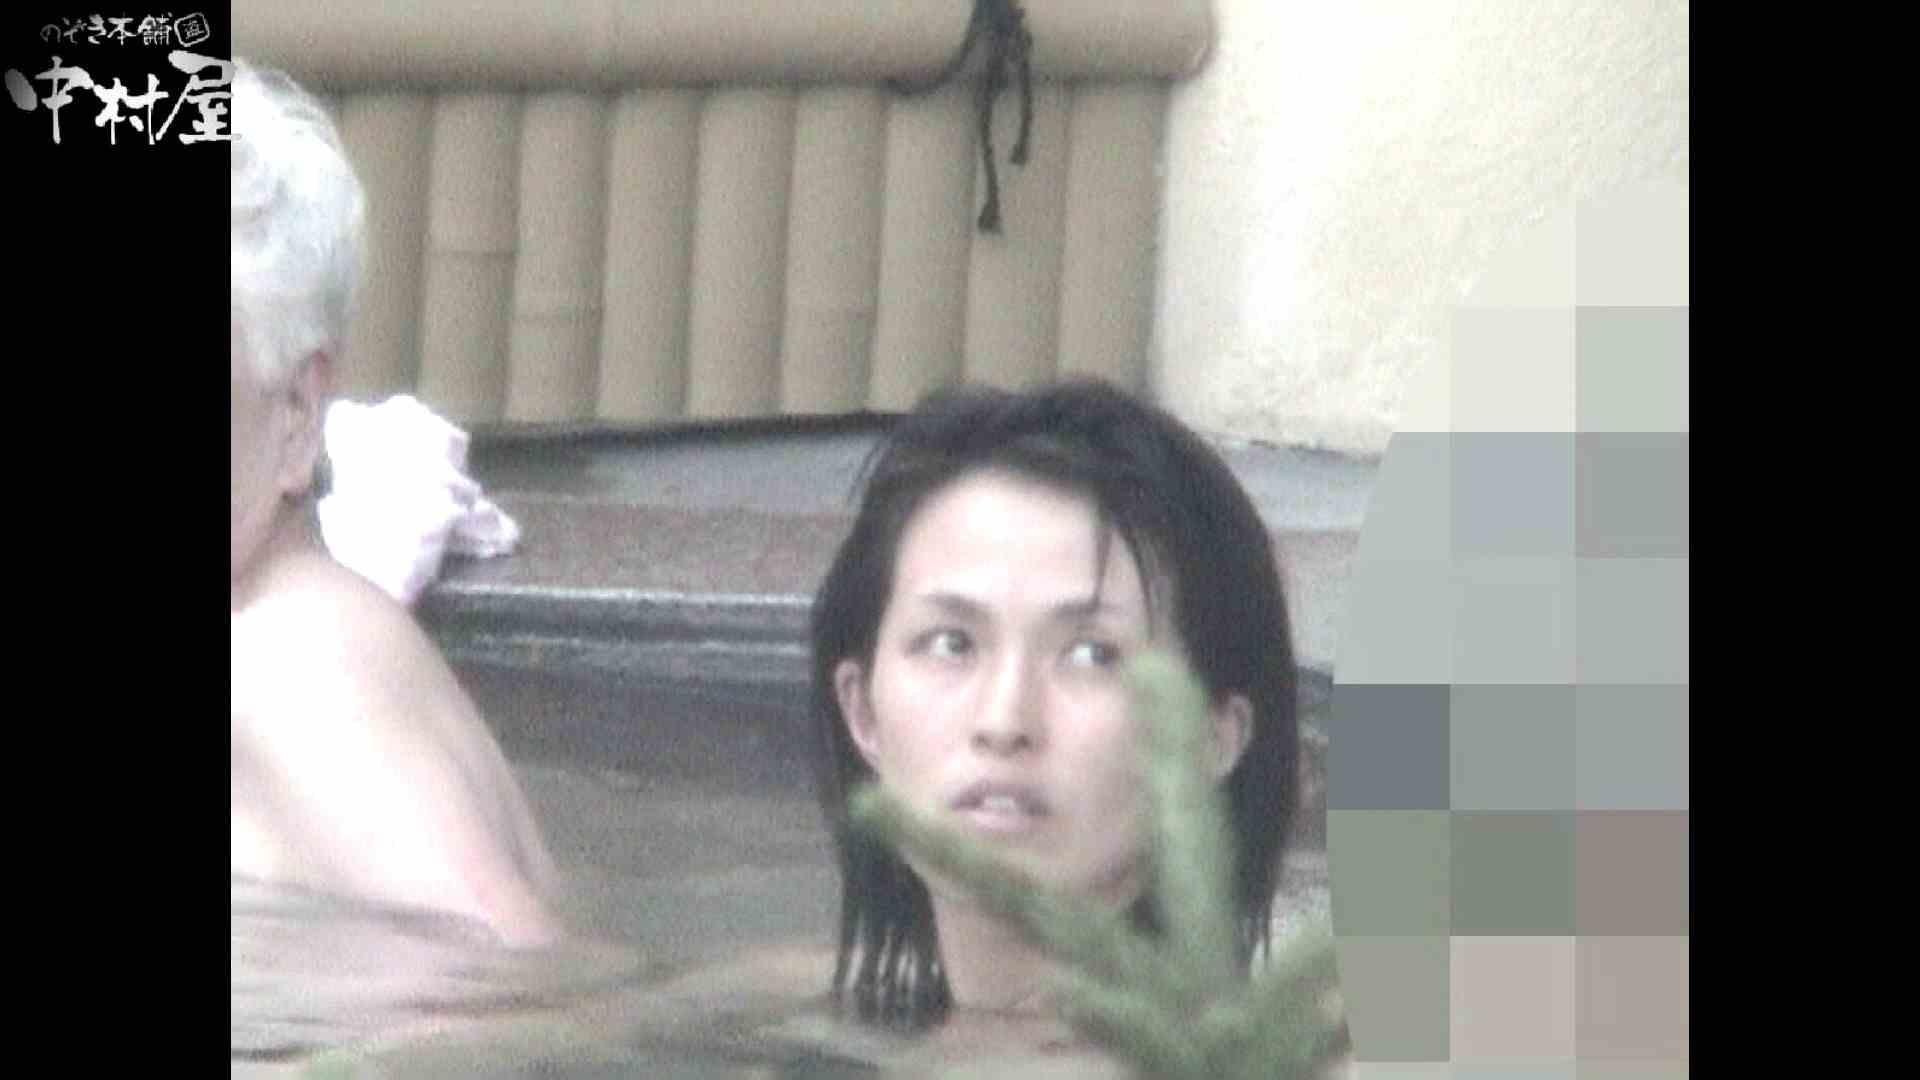 Aquaな露天風呂Vol.933 OLのエロ生活 ワレメ無修正動画無料 74連発 8